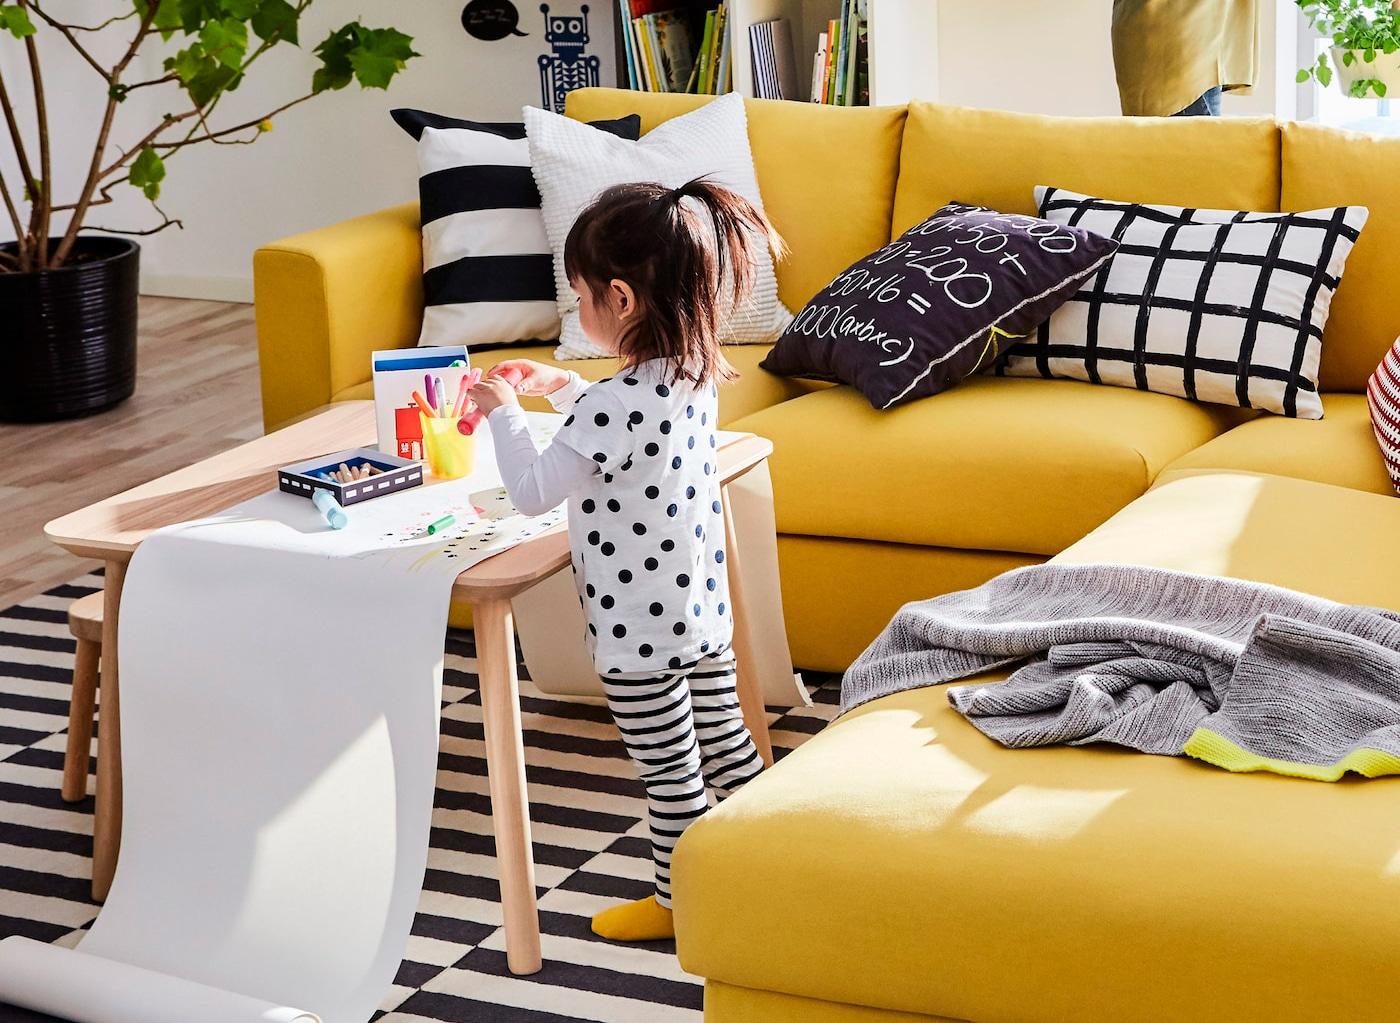 Le canapé trois places IKEA VIMLE jaune confère un supplément de confort au séjour tout en l'égayant.